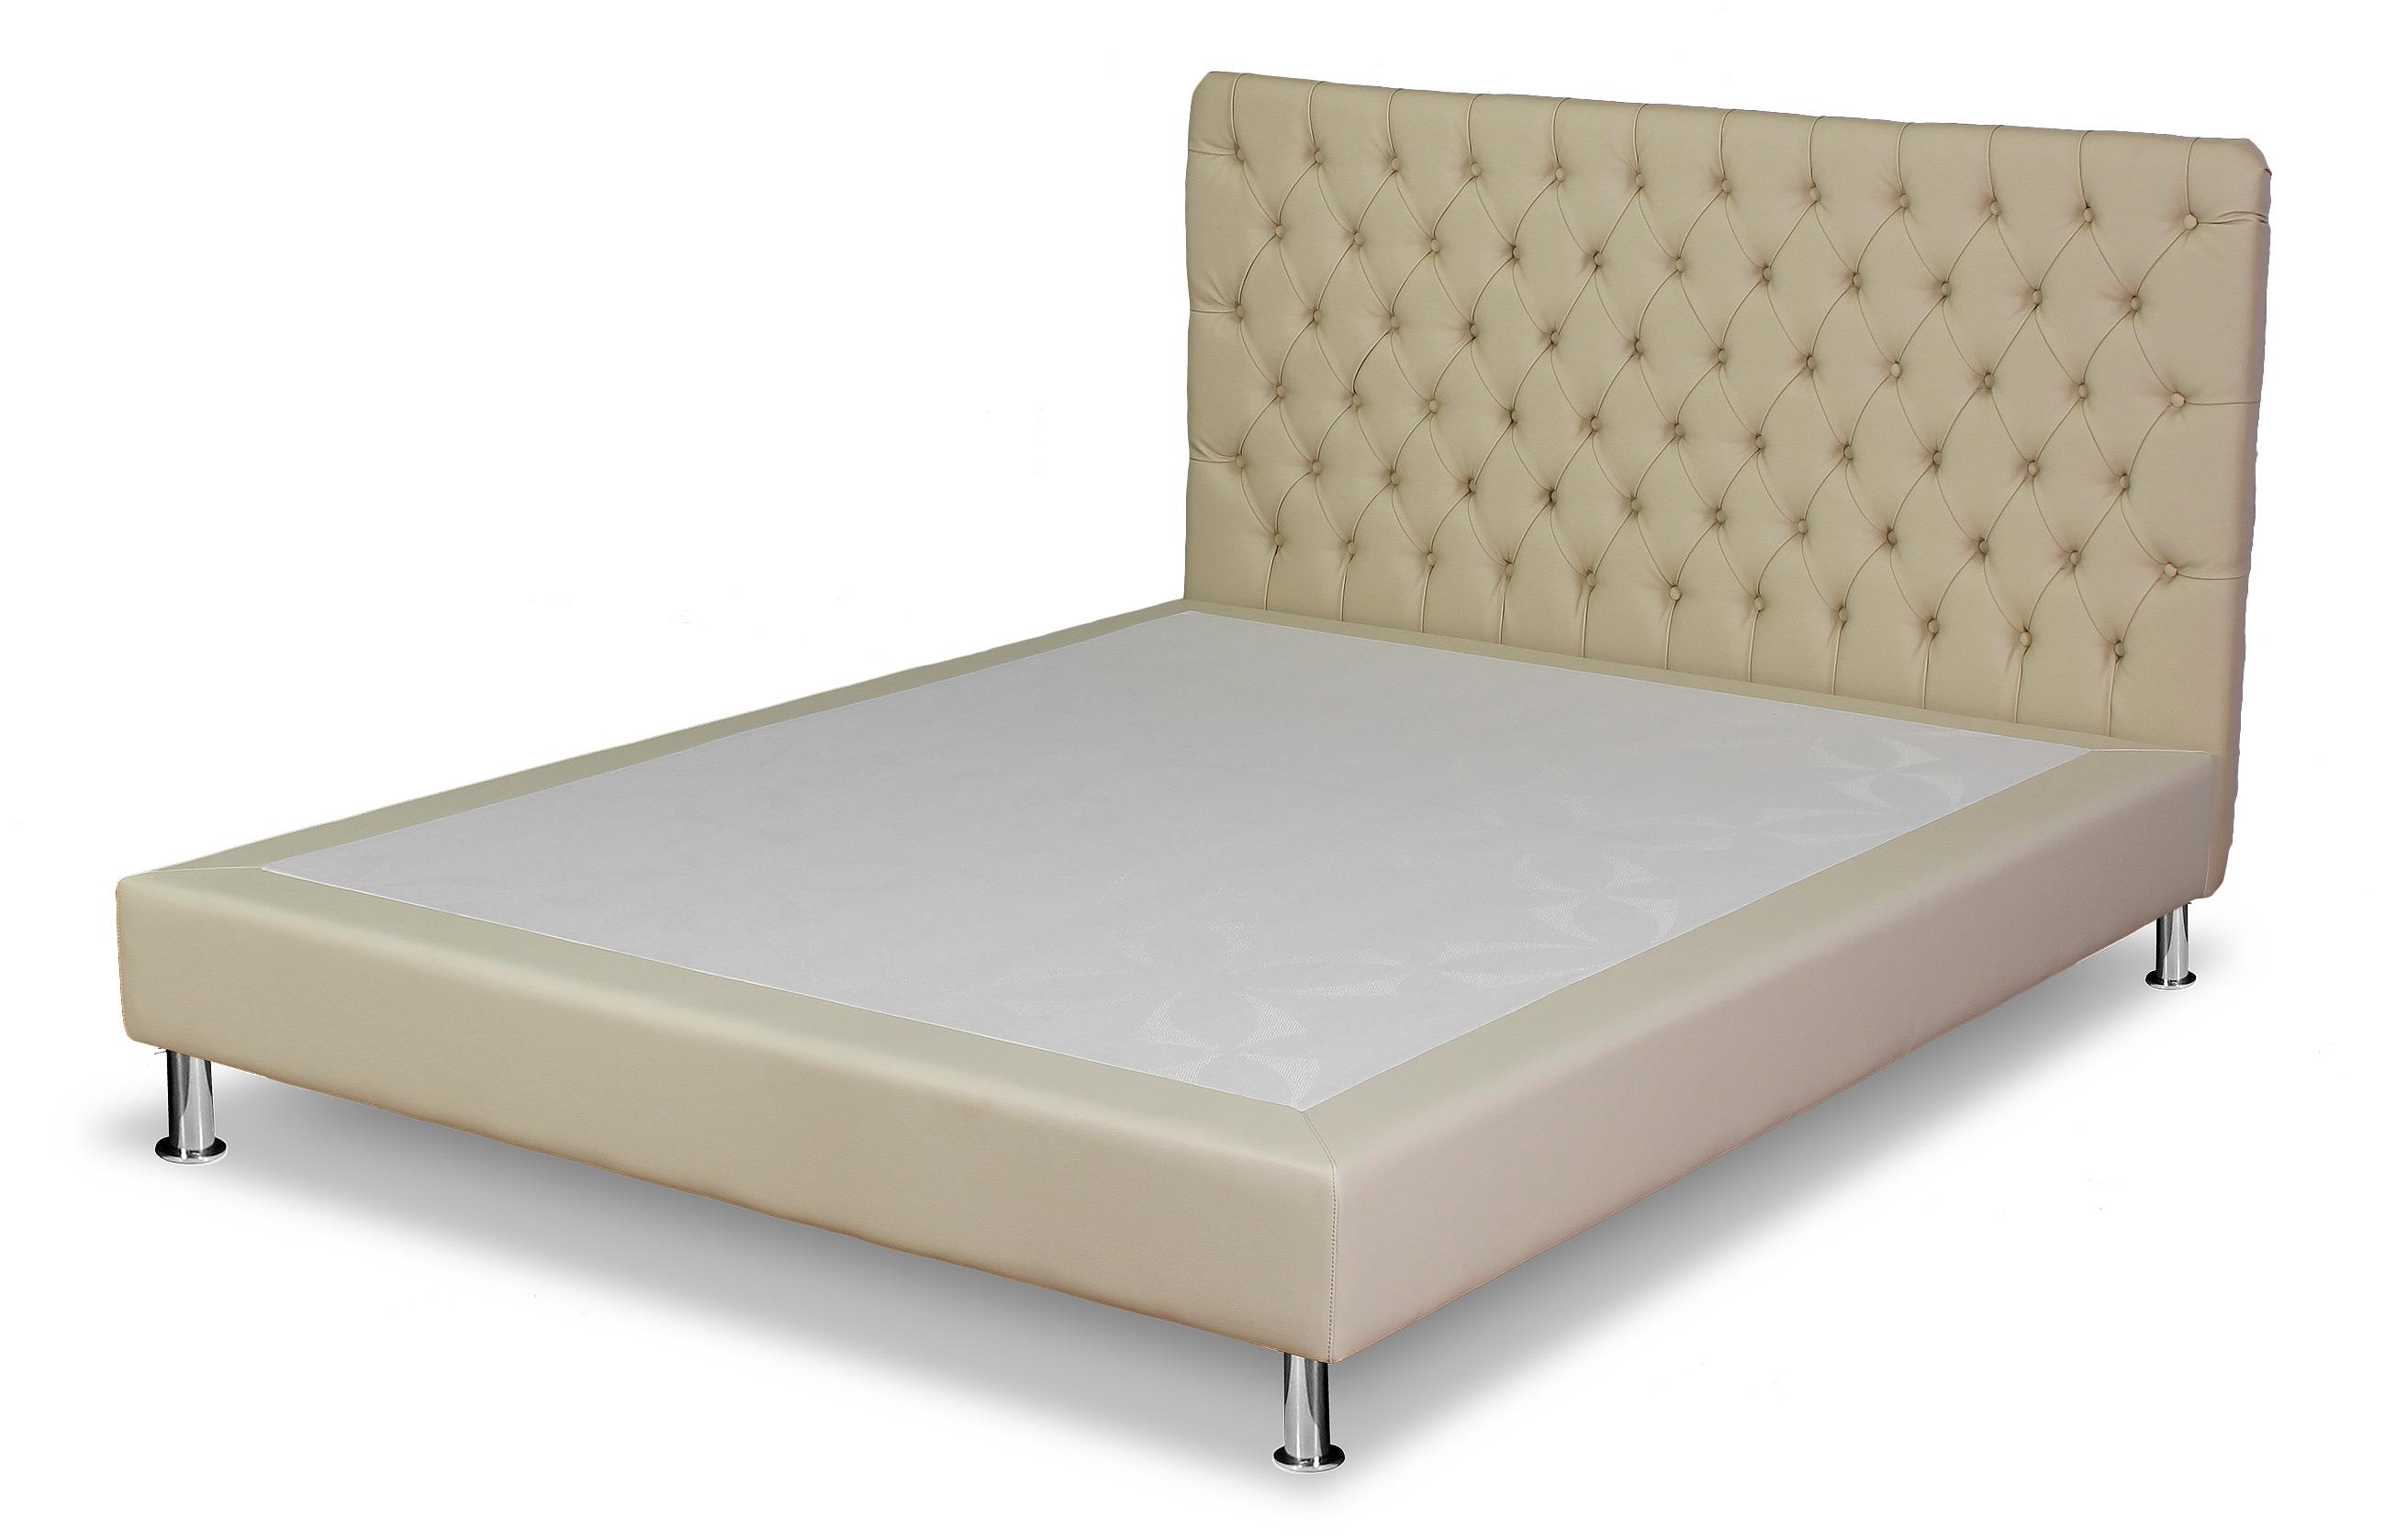 Testiera Per Letto Singolo : Testiera per letto piazza e mezzo lusso leonardo h cm